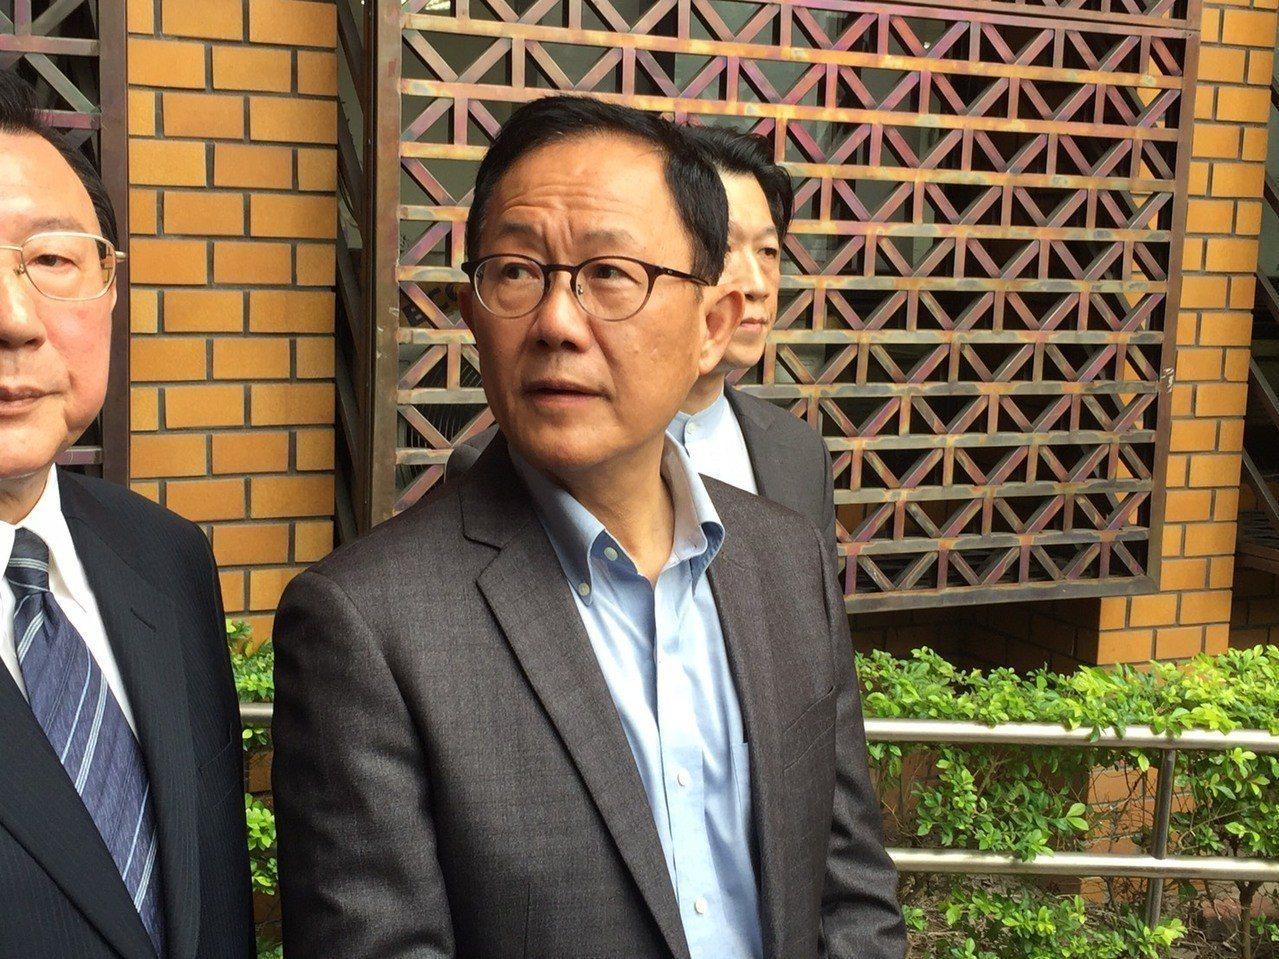 丁守中決定聲請司法驗票,前往台北地院繳428萬元保證金。記者王聖藜/攝影